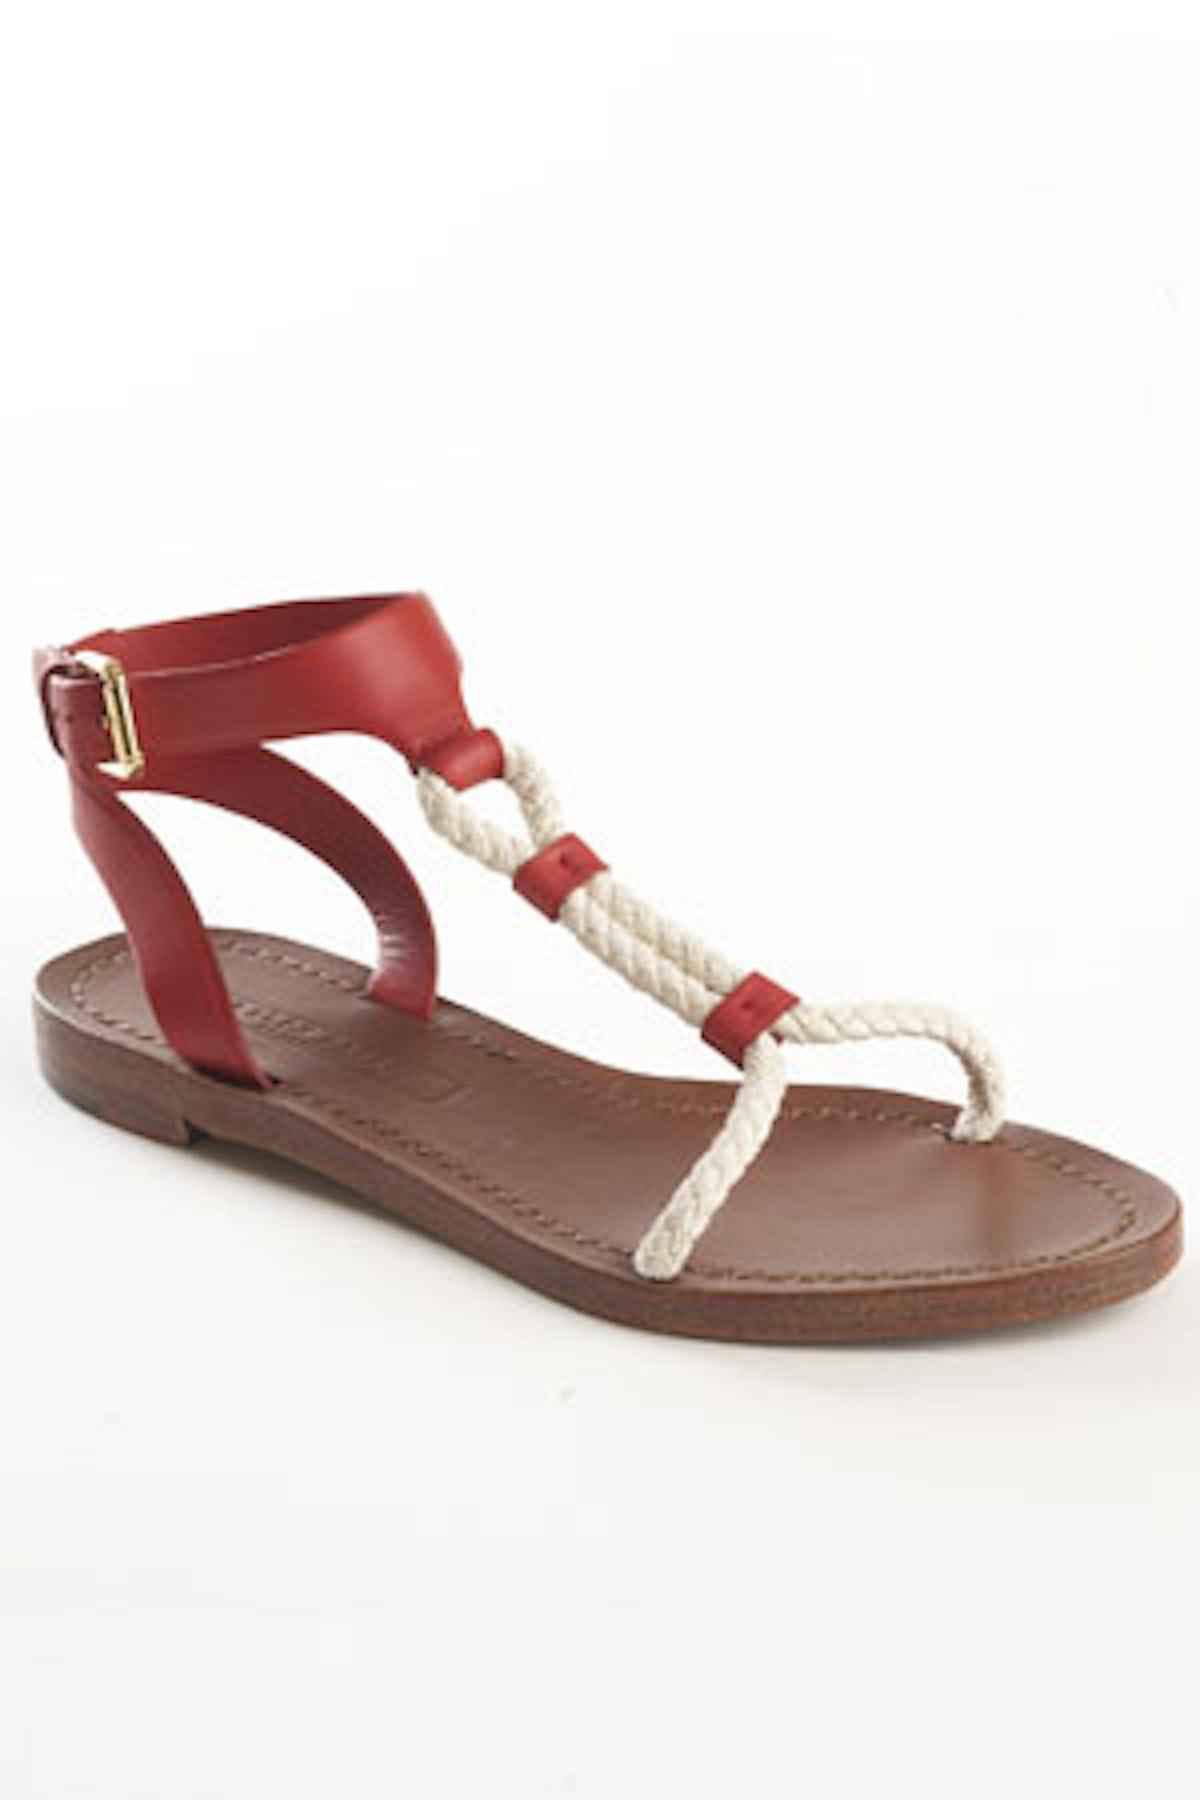 acss_sandals_08_v.jpg